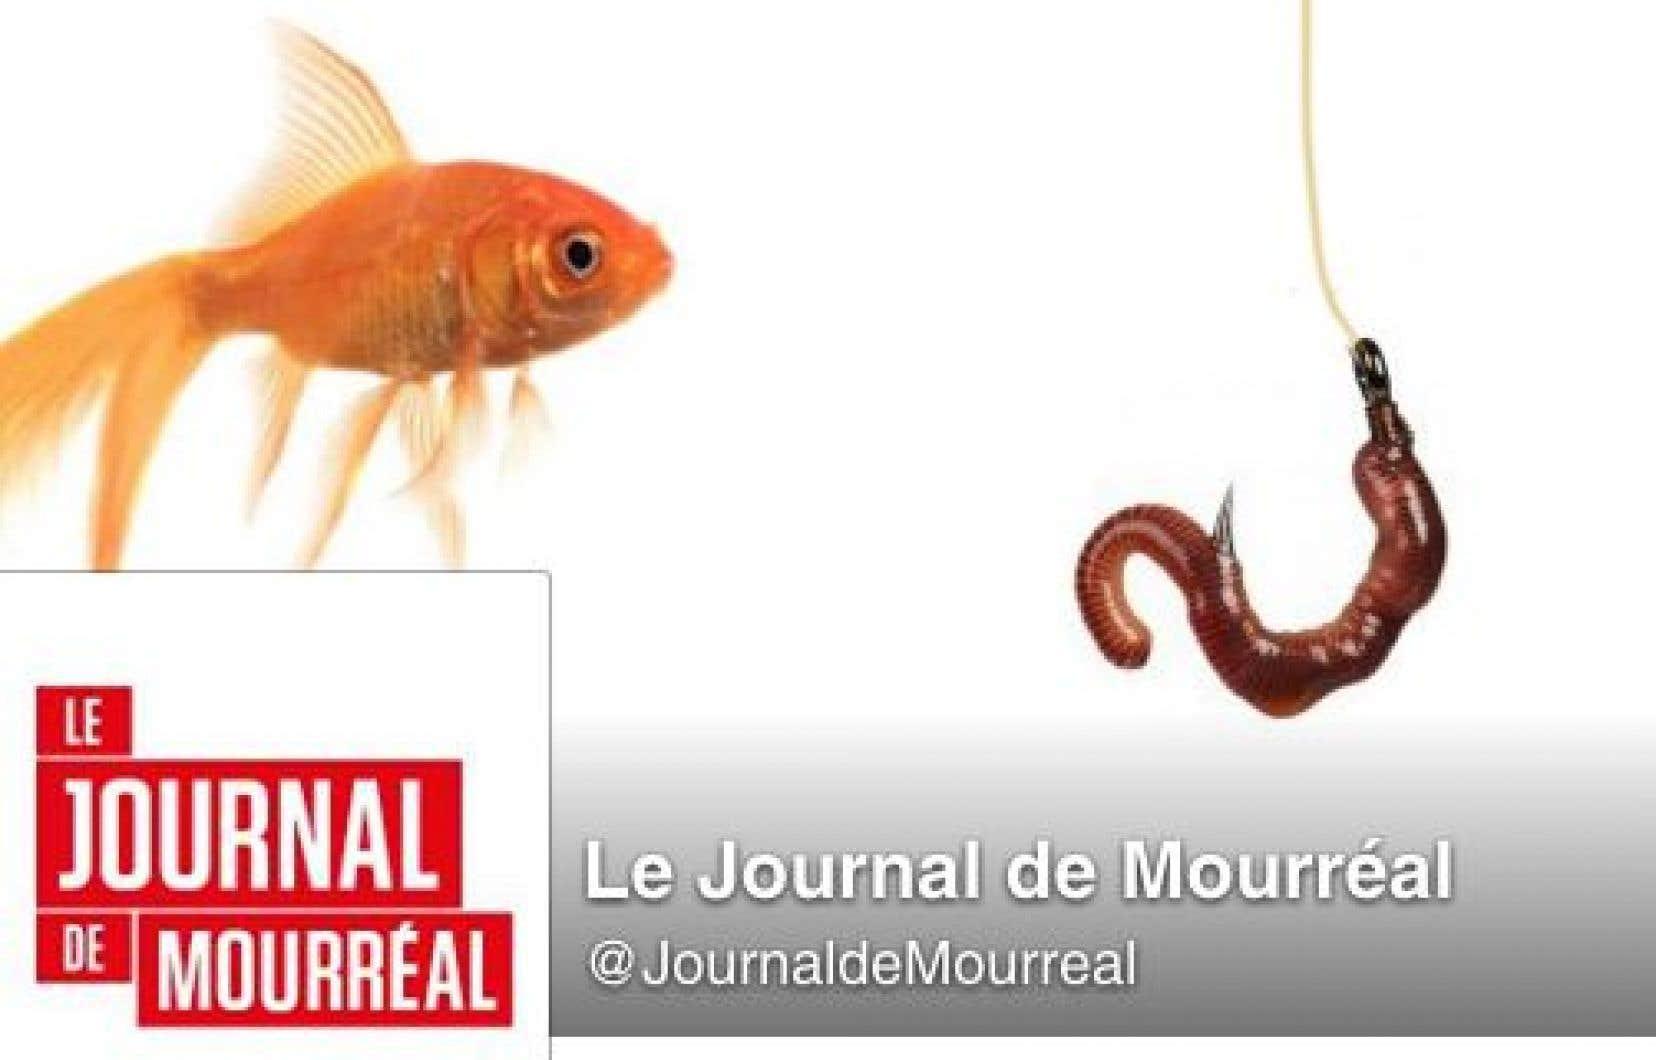 MédiaQMI demande au site satirique de cesser la diffusion — sur Facebook, sur le Web ou en version papier — de publications portant le nom Journal de Mourréal.